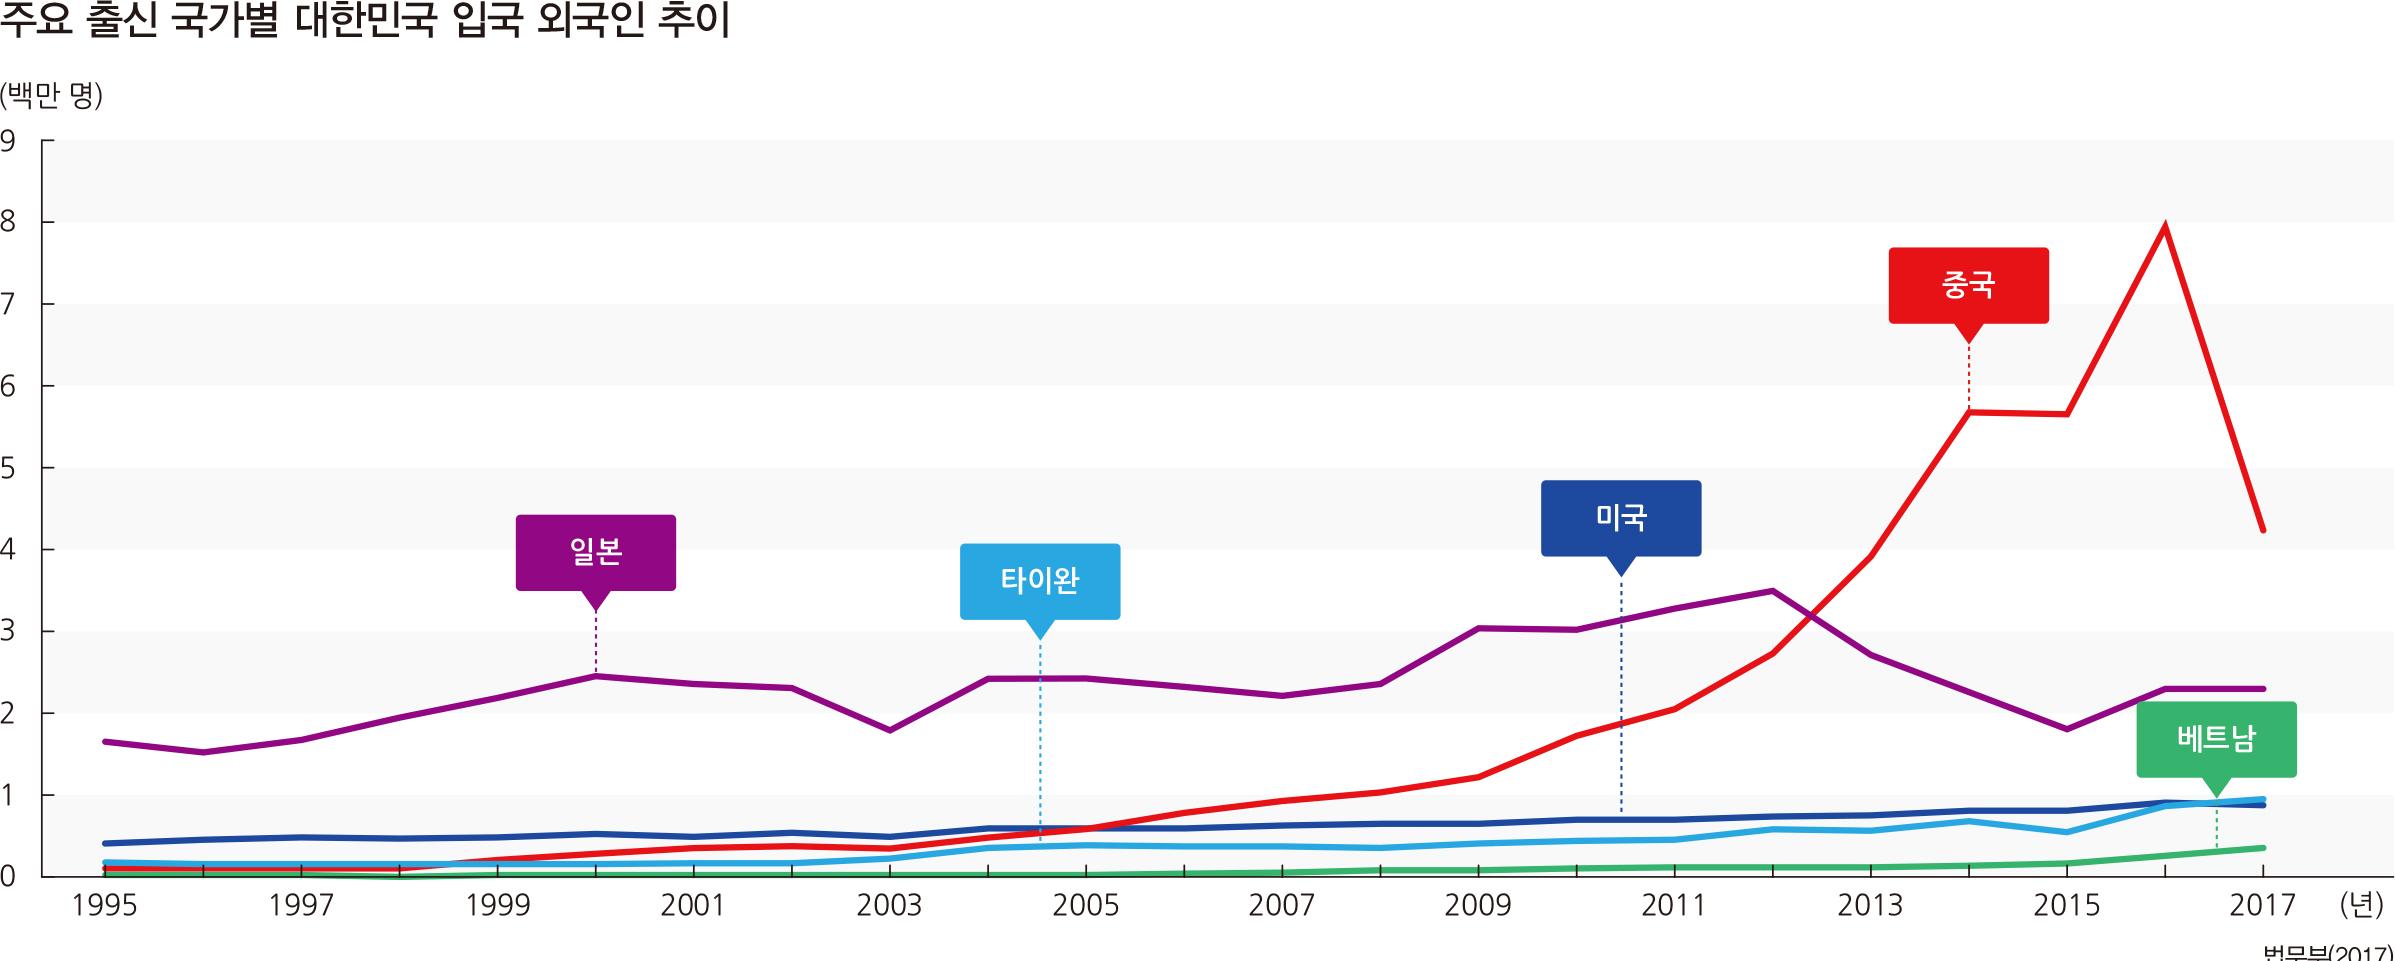 주요 출신 국가별 대한민국 입국 외국인 추이